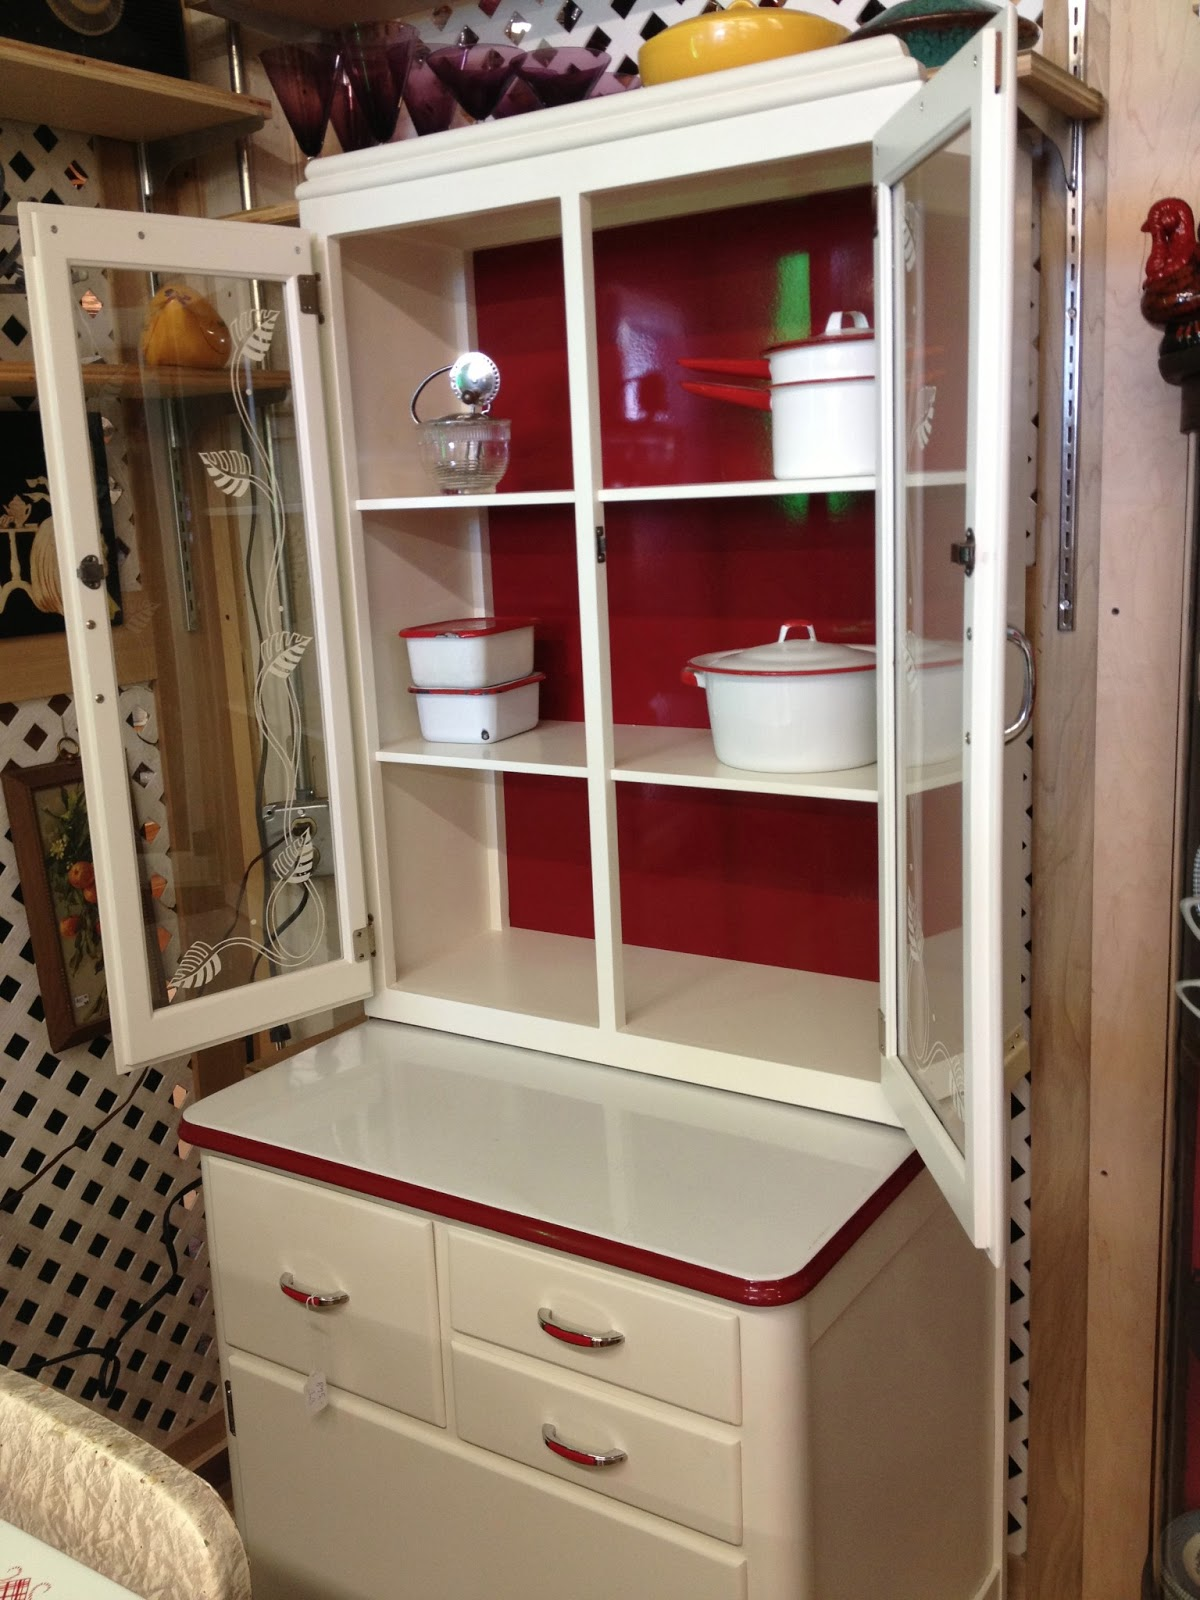 C. Dianne Zweig - Kitsch 'n Stuff: Red And White Smaller Hoosier ...